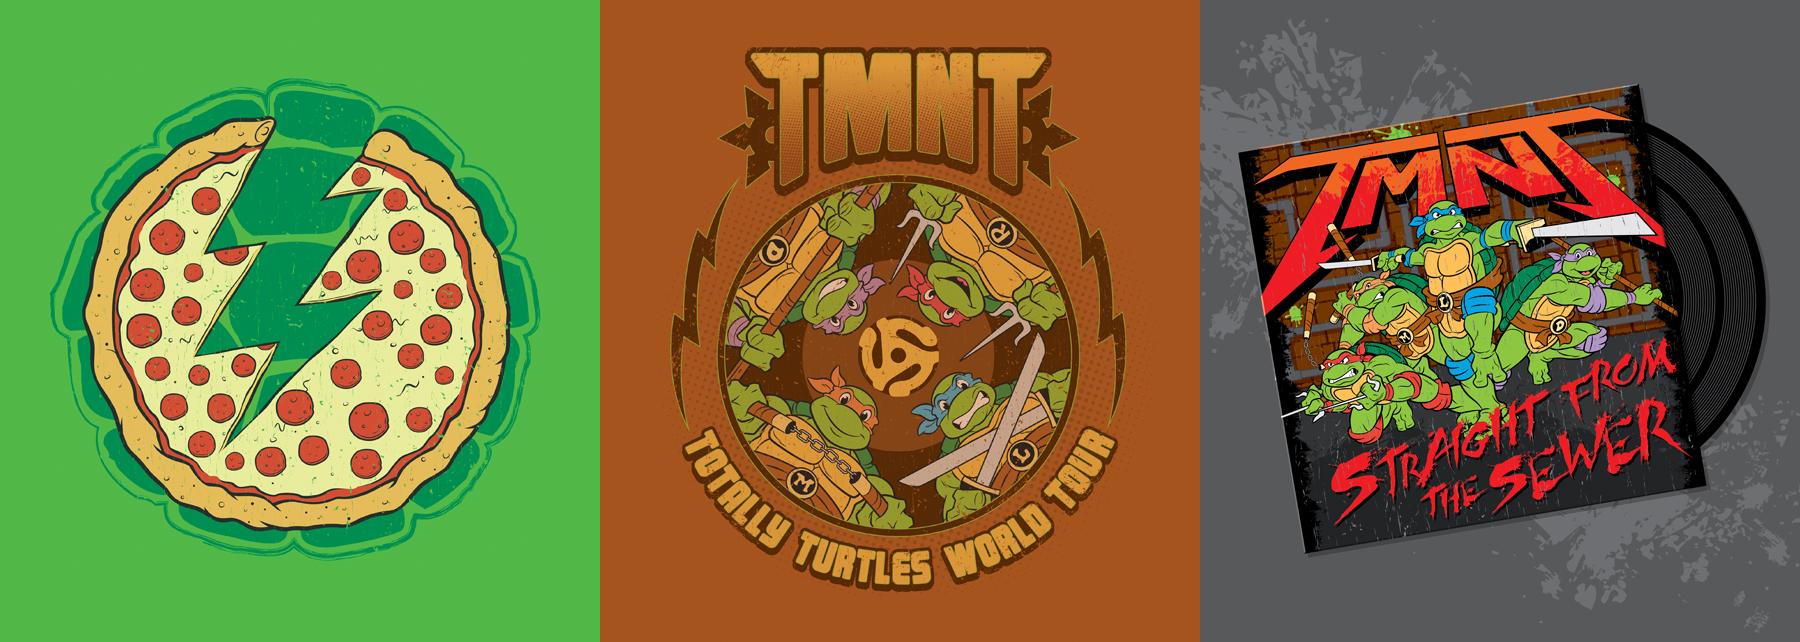 Teenage Mutant Ninja Turtles Classic Style Guides - ID 8